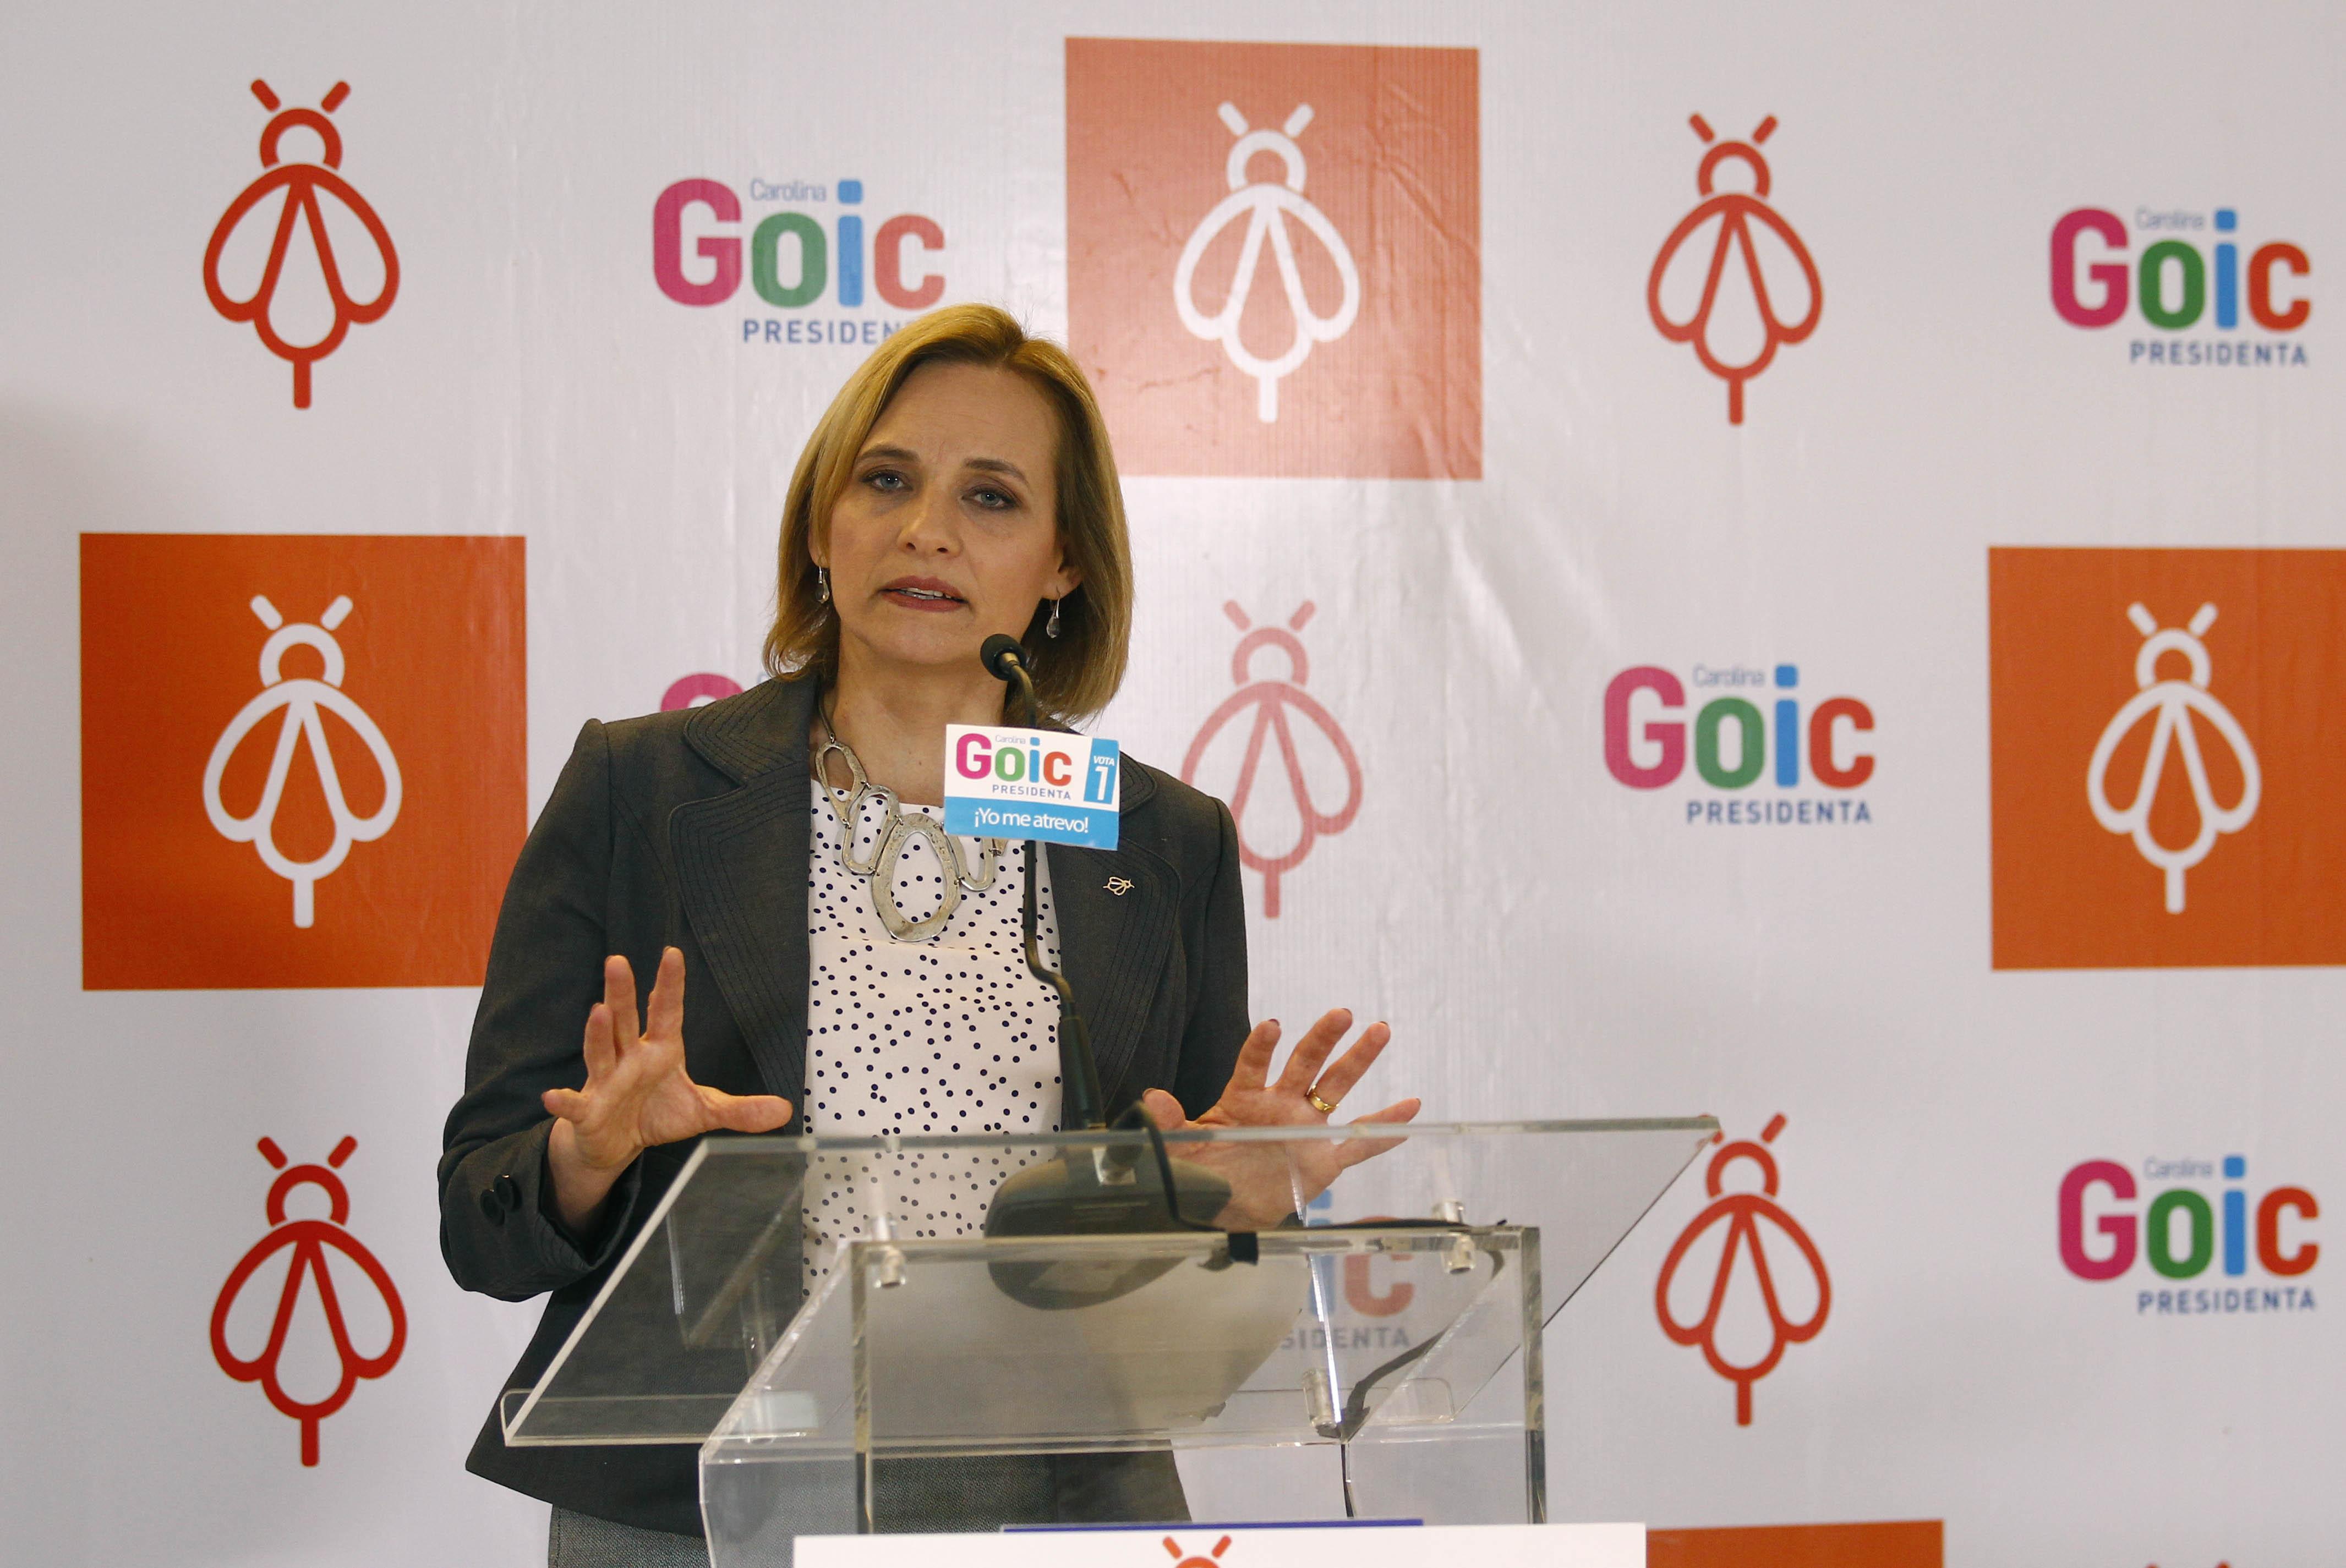 Del banco de Talca al Kiotazo: inédita reacción de Goic contra Piñera